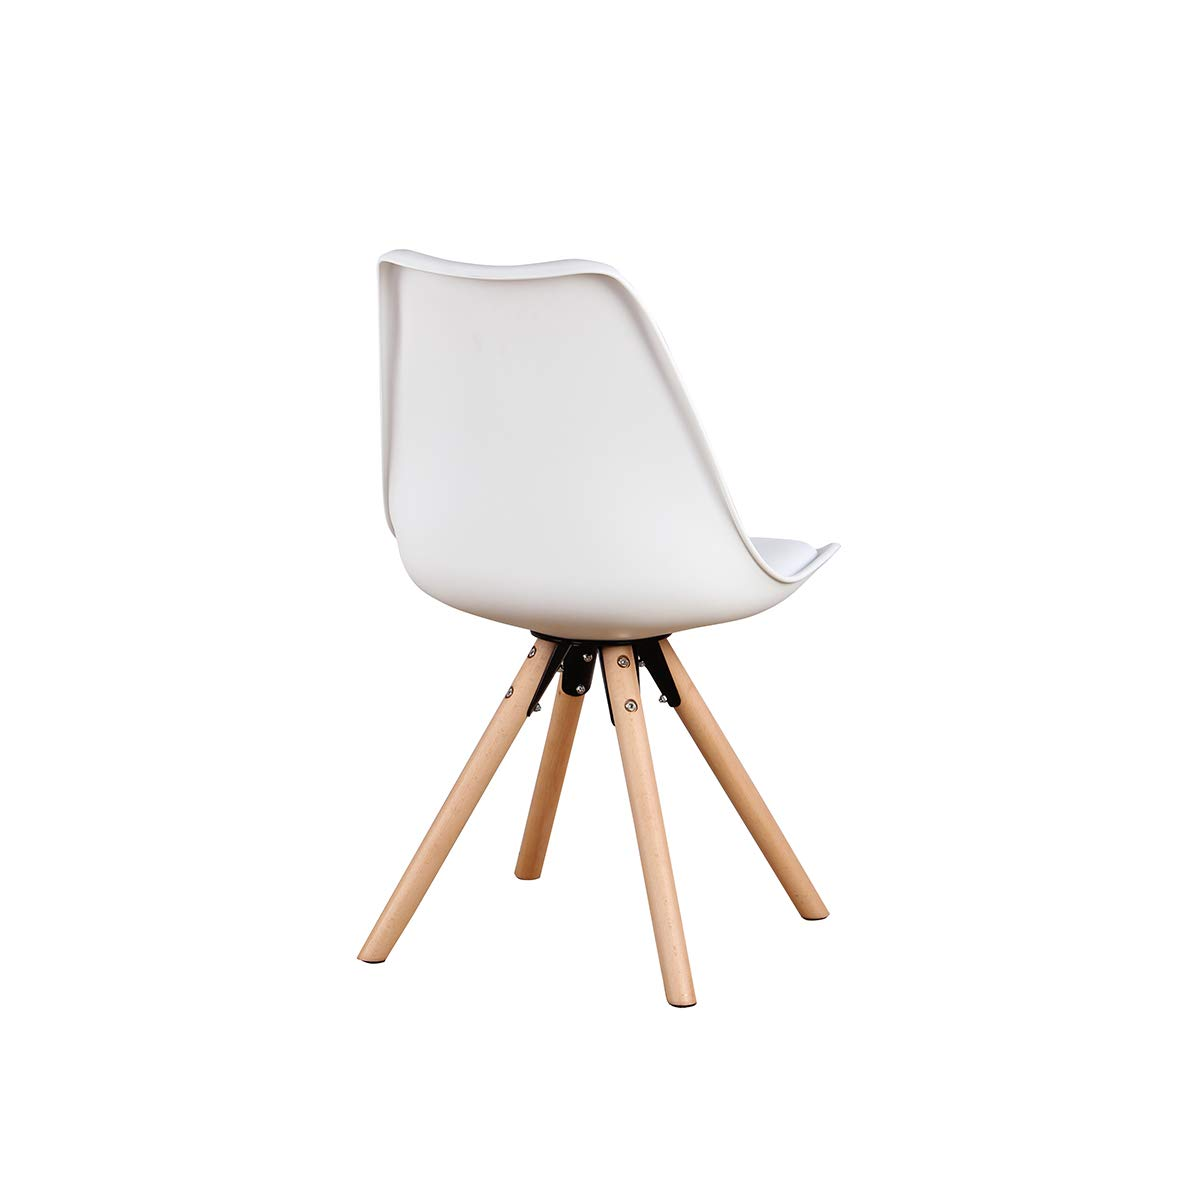 GroBKau Set di 4 Sedie da Pranzo con Sedile Imbottito Base in Metallo Solido e Gambe in Legno di Faggio Bianca